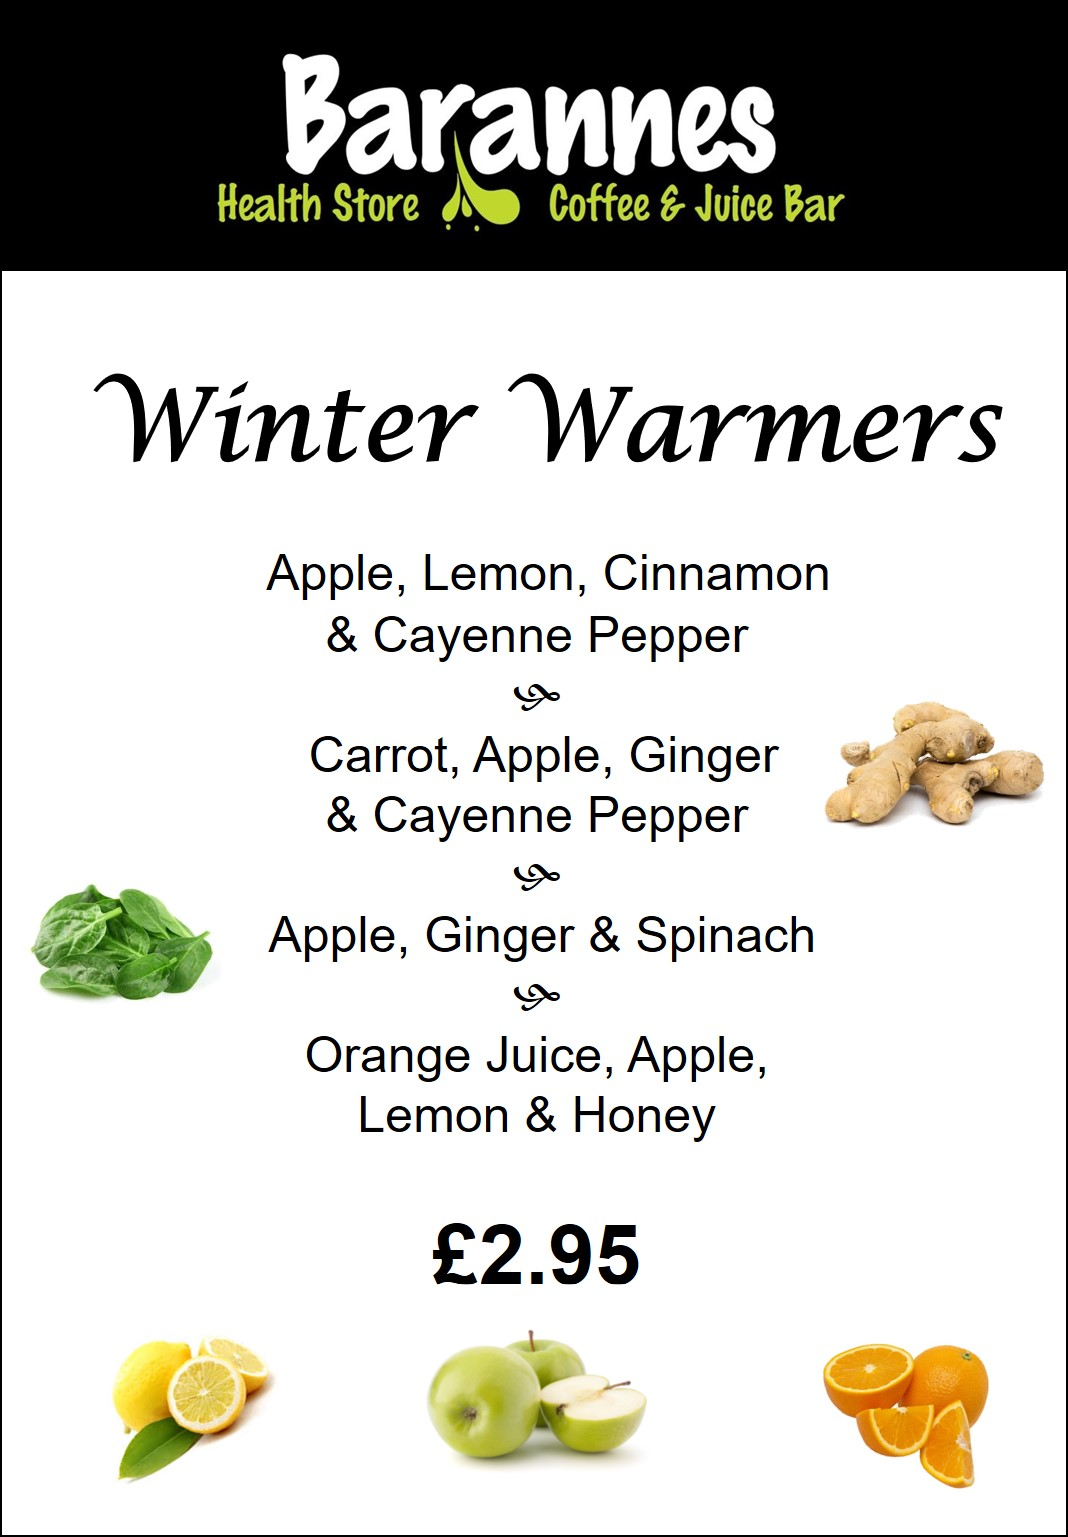 Winter Warmers.jpg